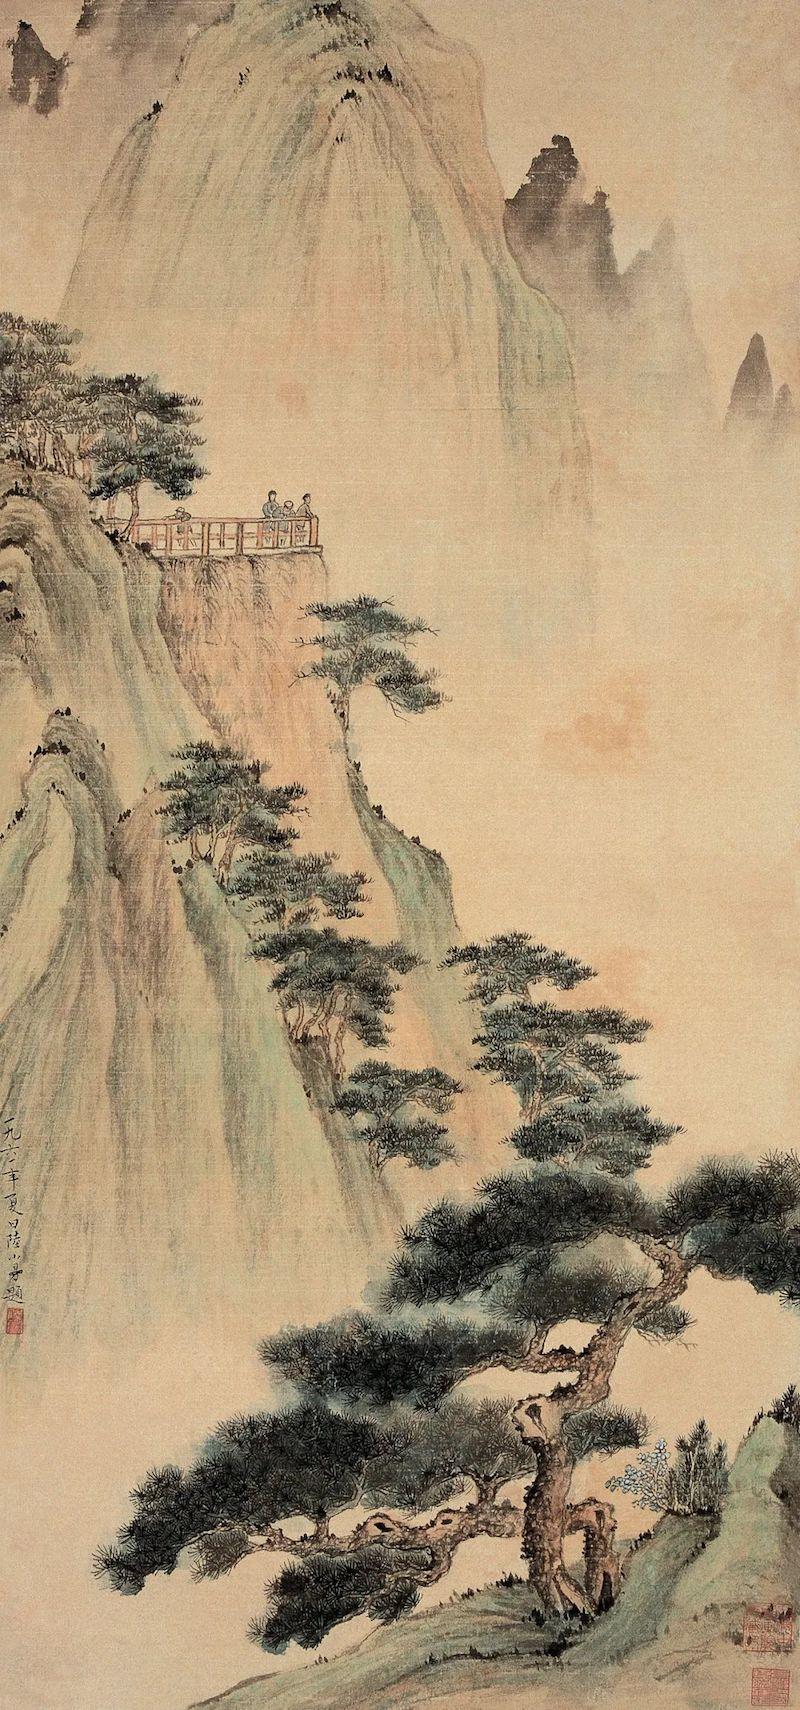 陆小曼《黄山清凉台》1961年上海中国画院藏